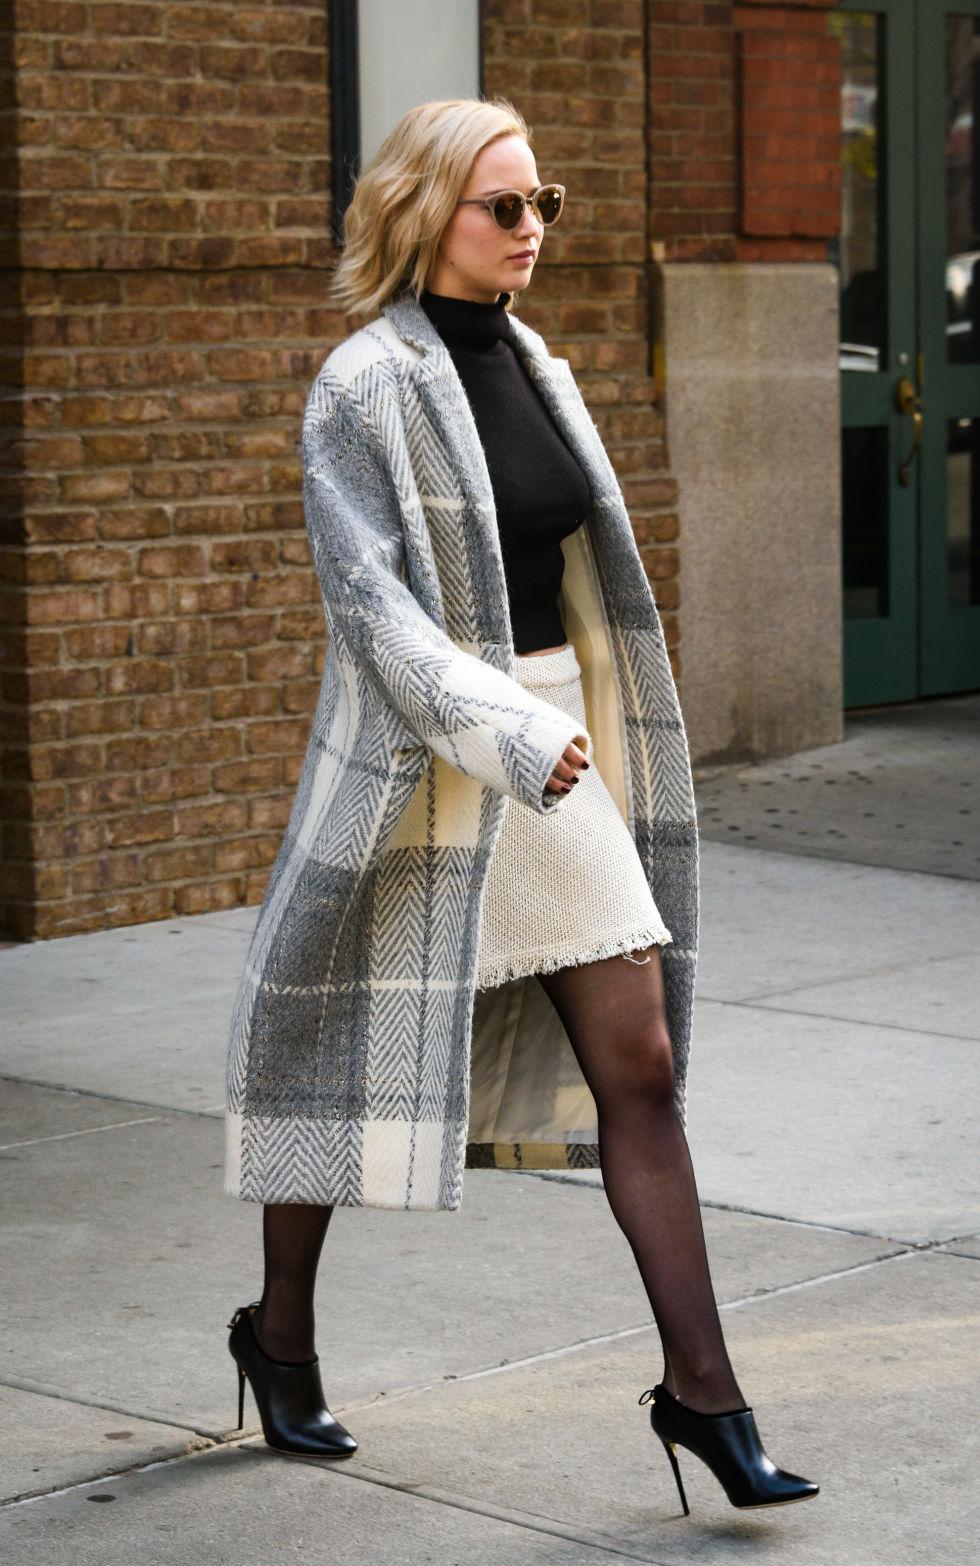 Jennifer trên đường đến tham dự buổi họp báo phim Joy. Bộ trang phục mix tông trắng đen từ chiếc kính râm, áo cổ cao, váy len tới đôi ankle boot. Chiếc áo dạ sọc caro chính là điểm nhấn làm dịu đi bộ trang phục chất lừ